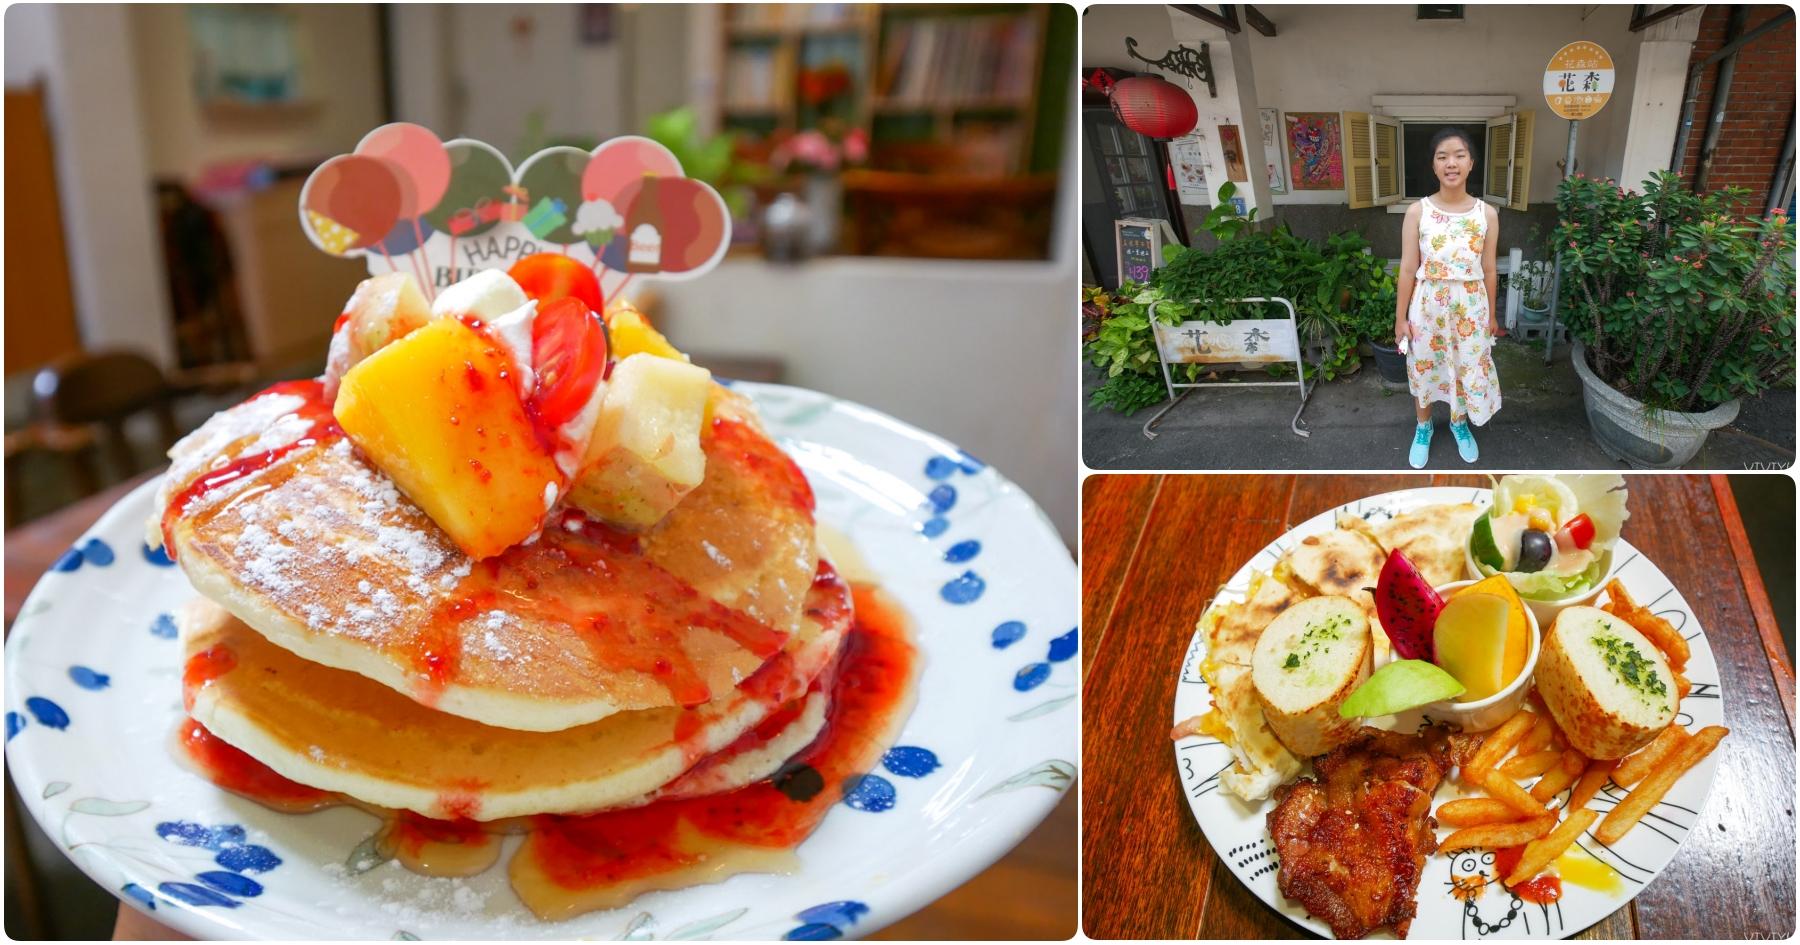 [美食.桃園]O2 brunch cafe 桃園市縣府店~輕食西式早餐(關門大吉) @VIVIYU小世界